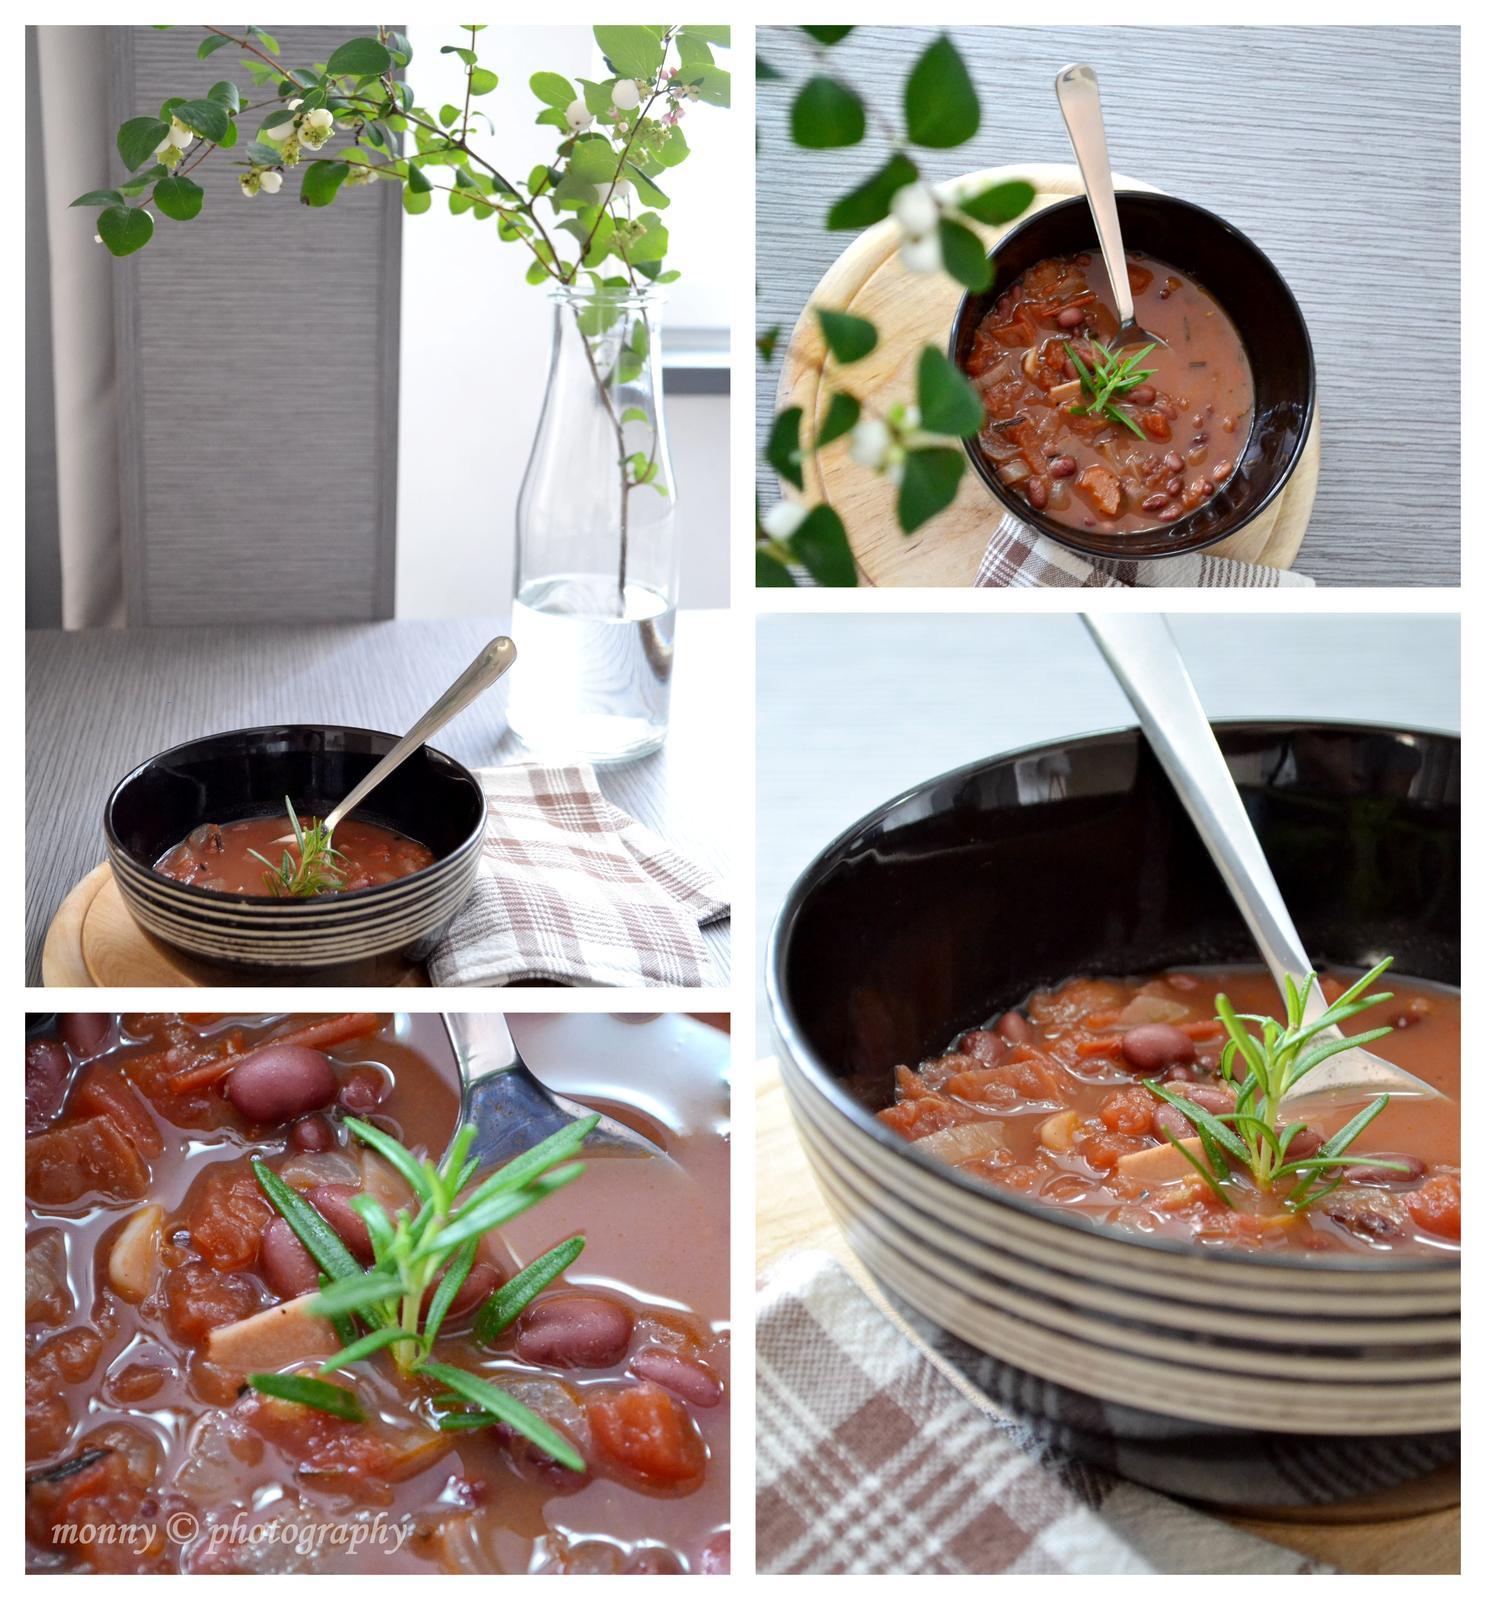 Upečeno a uvařeno u nás doma - Fazolovo-rajčatová polévka s rozmarýnem